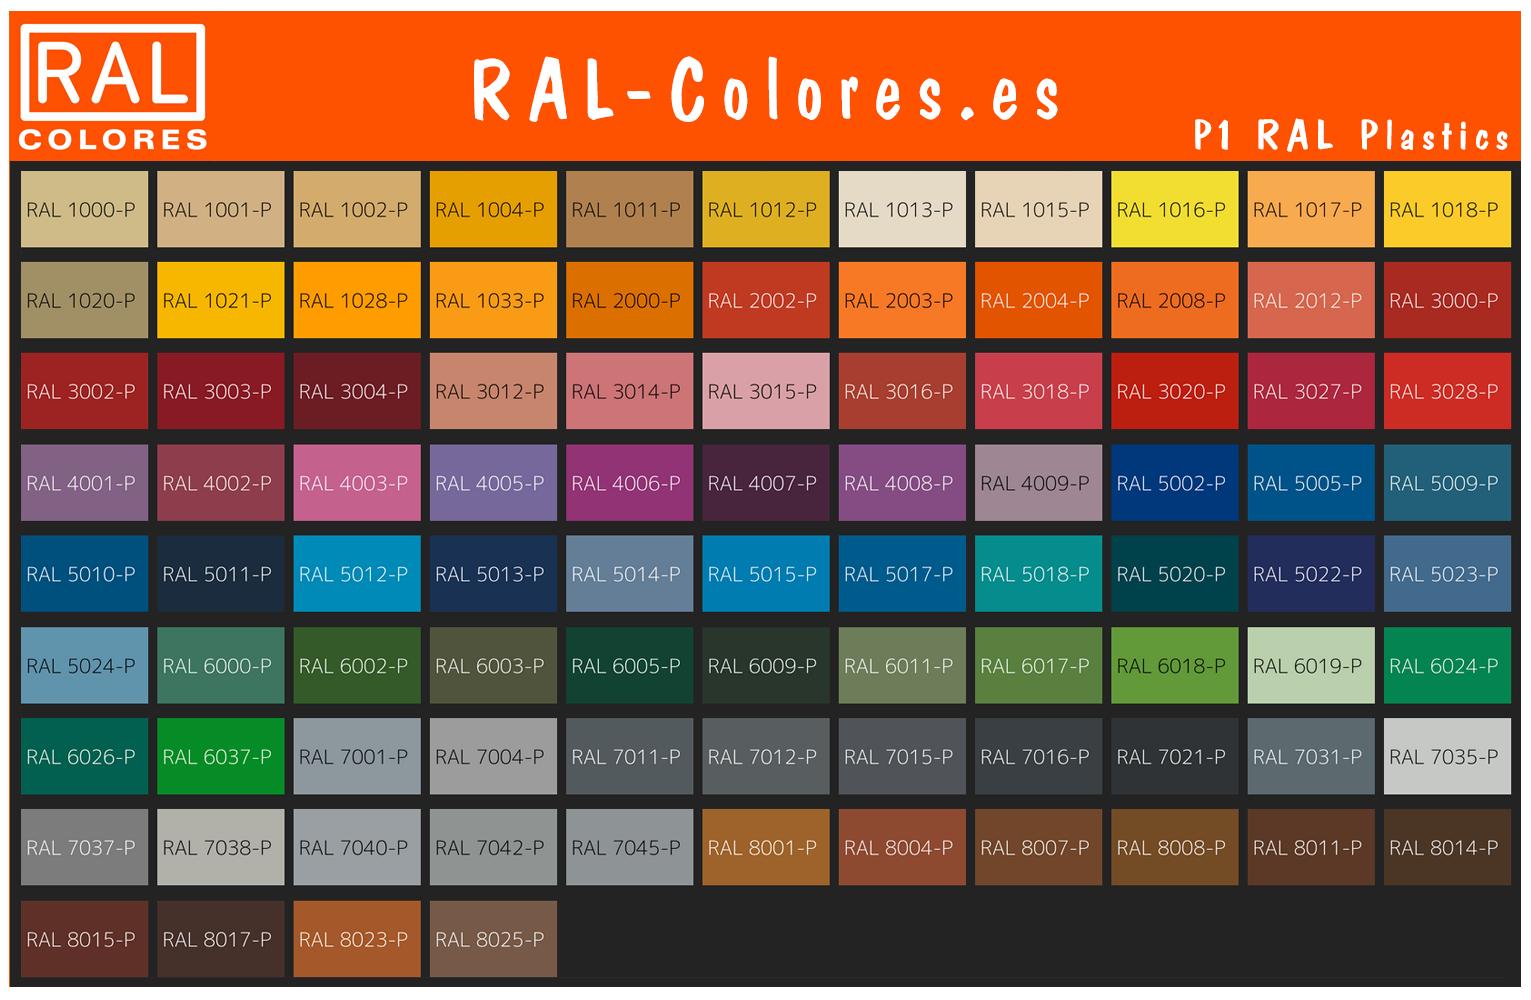 Carta de colores RAL P1 Plastics